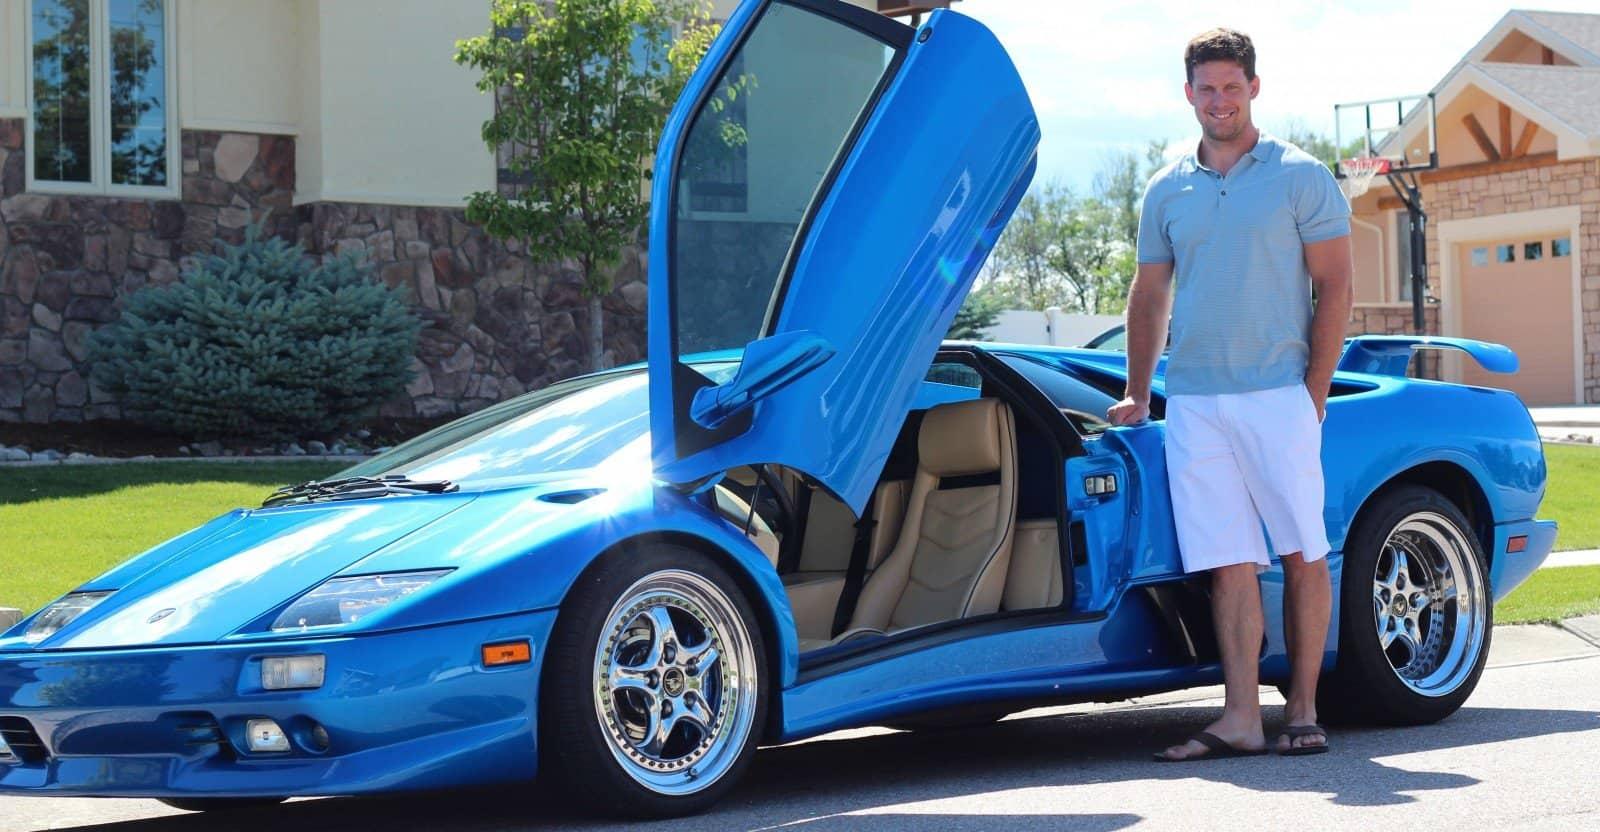 How I was Able To Buy a Lamborghini Diablo Thanks to Real Estate Lamborghini Diablo Mobile De on ducati diablo, honda diablo, maserati diablo, chrysler diablo, isuzu diablo, murcielago diablo, bugatti diablo, gmc diablo, ferrari diablo, orange diablo, blue diablo, cadillac diablo, strosek diablo, toyota diablo, el diablo,